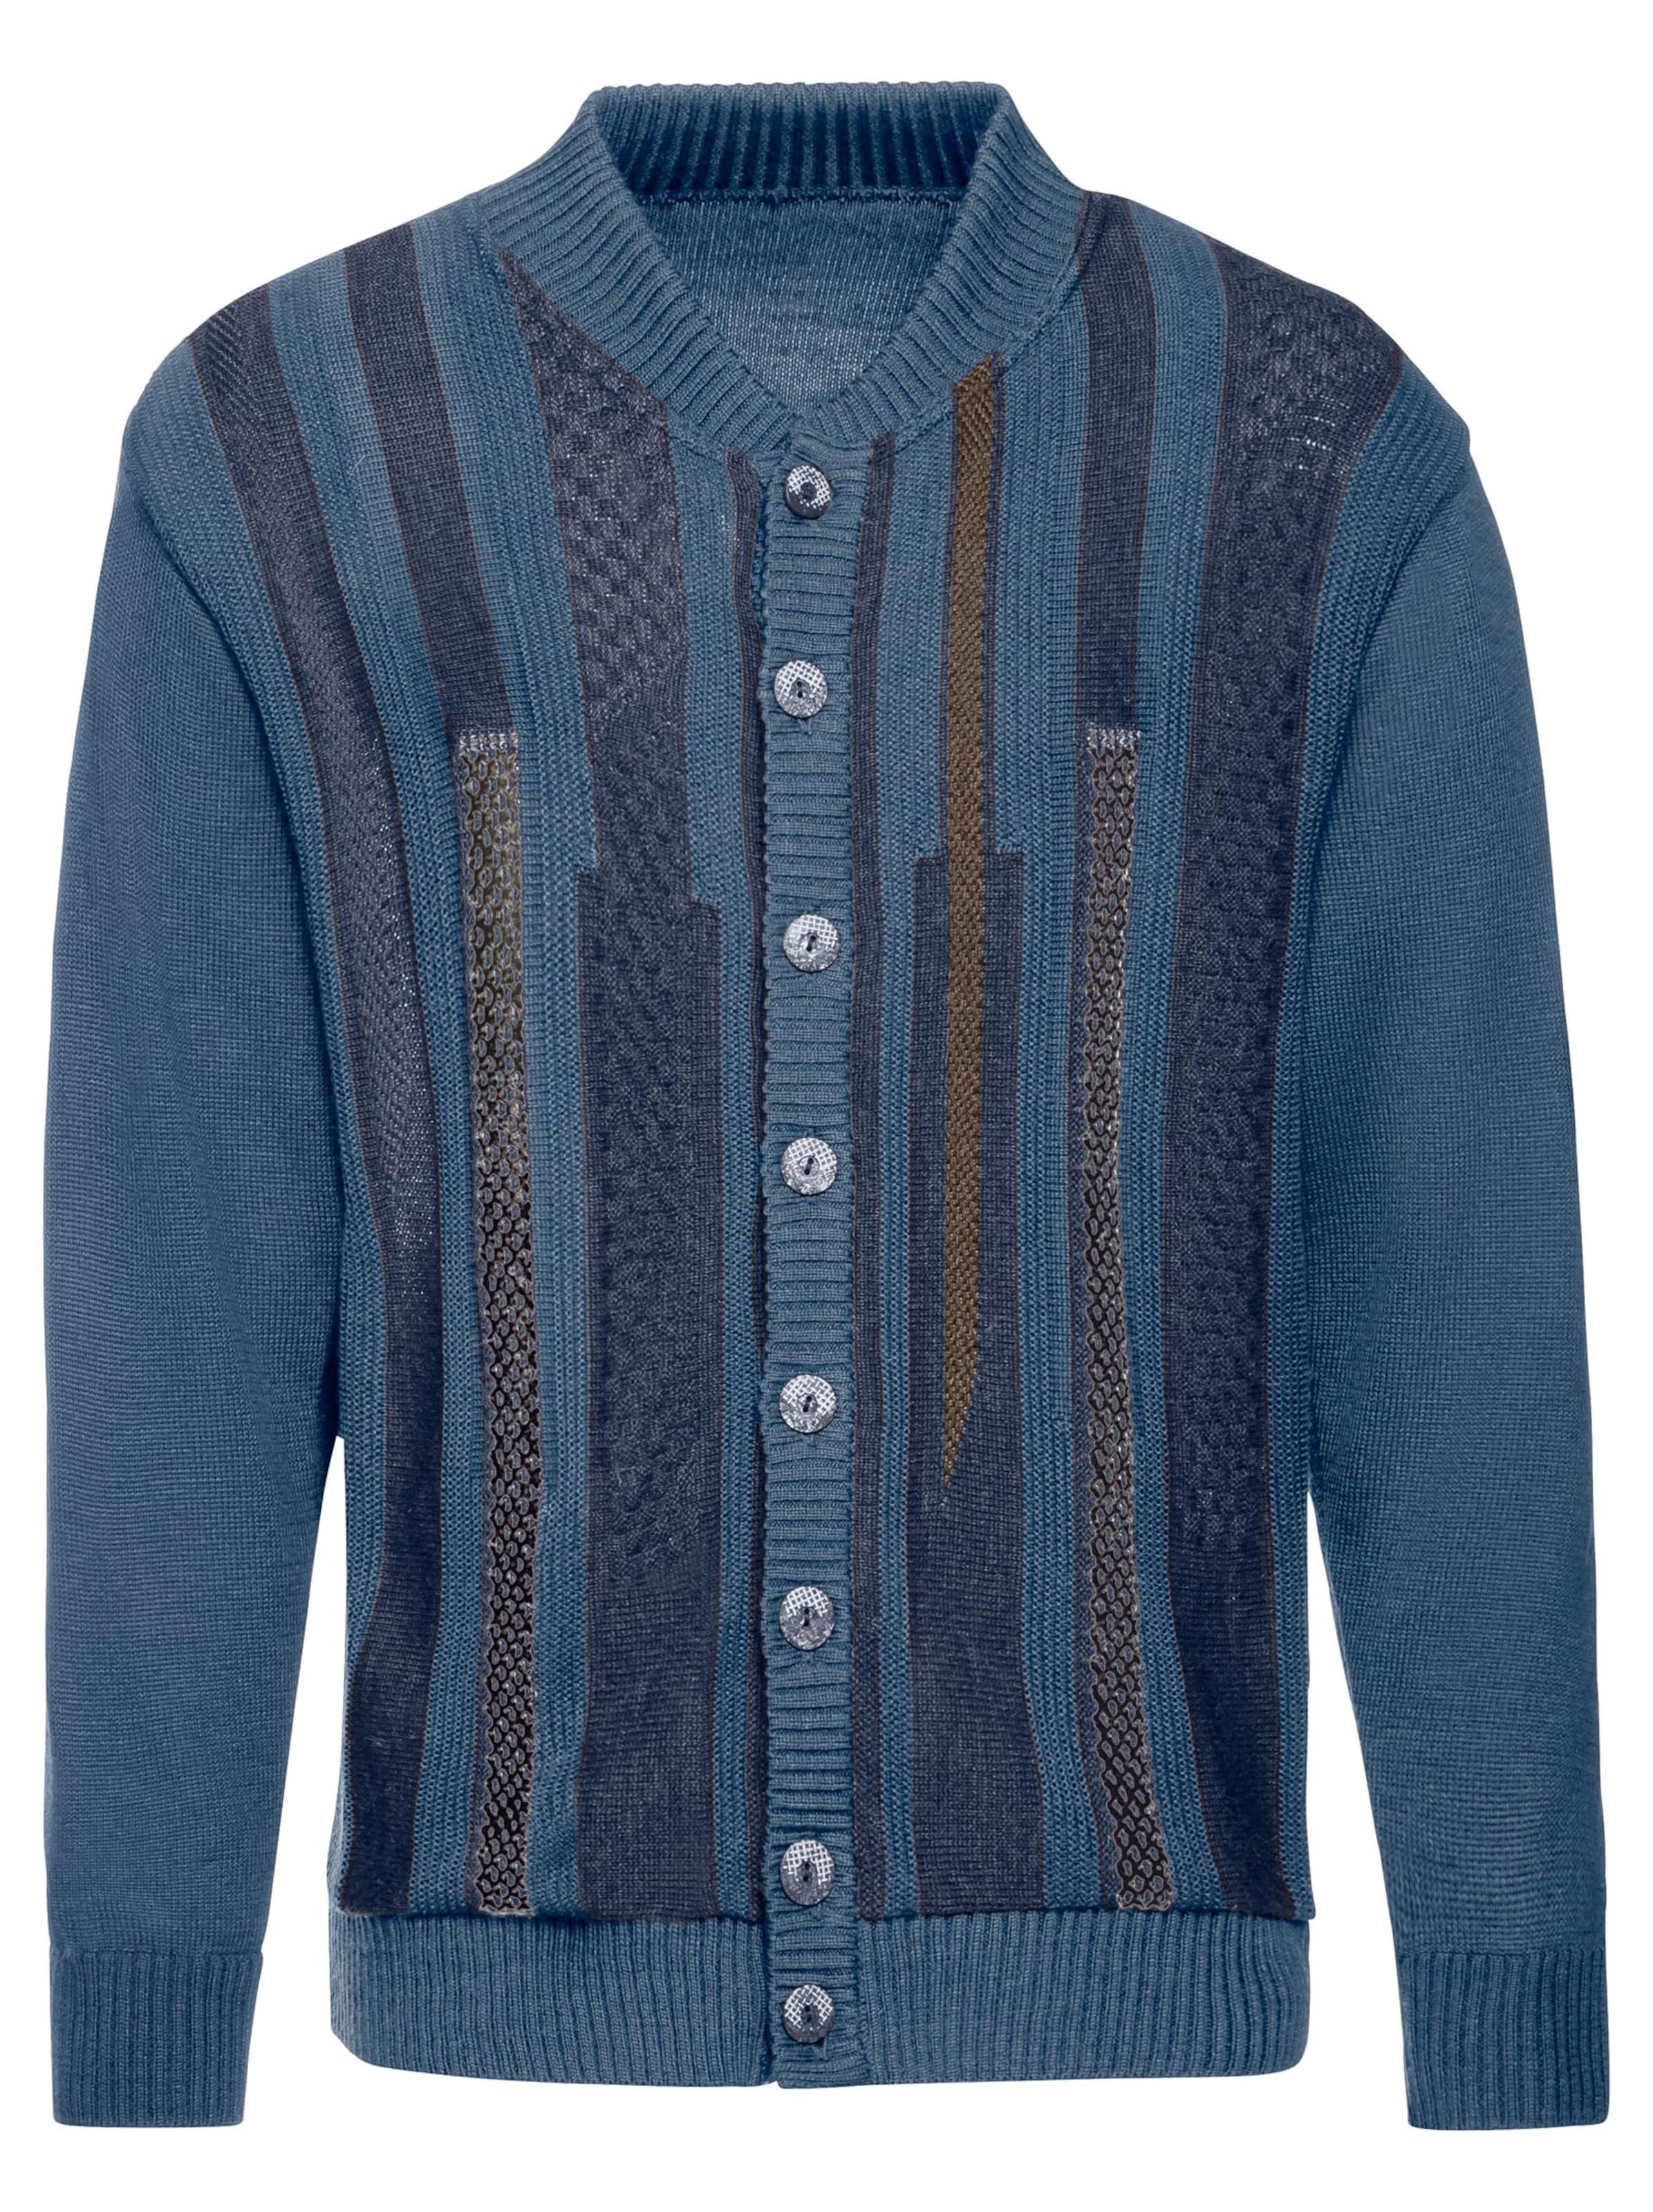 marco donati - Witt Weiden Herren Strickjacke jeansblau